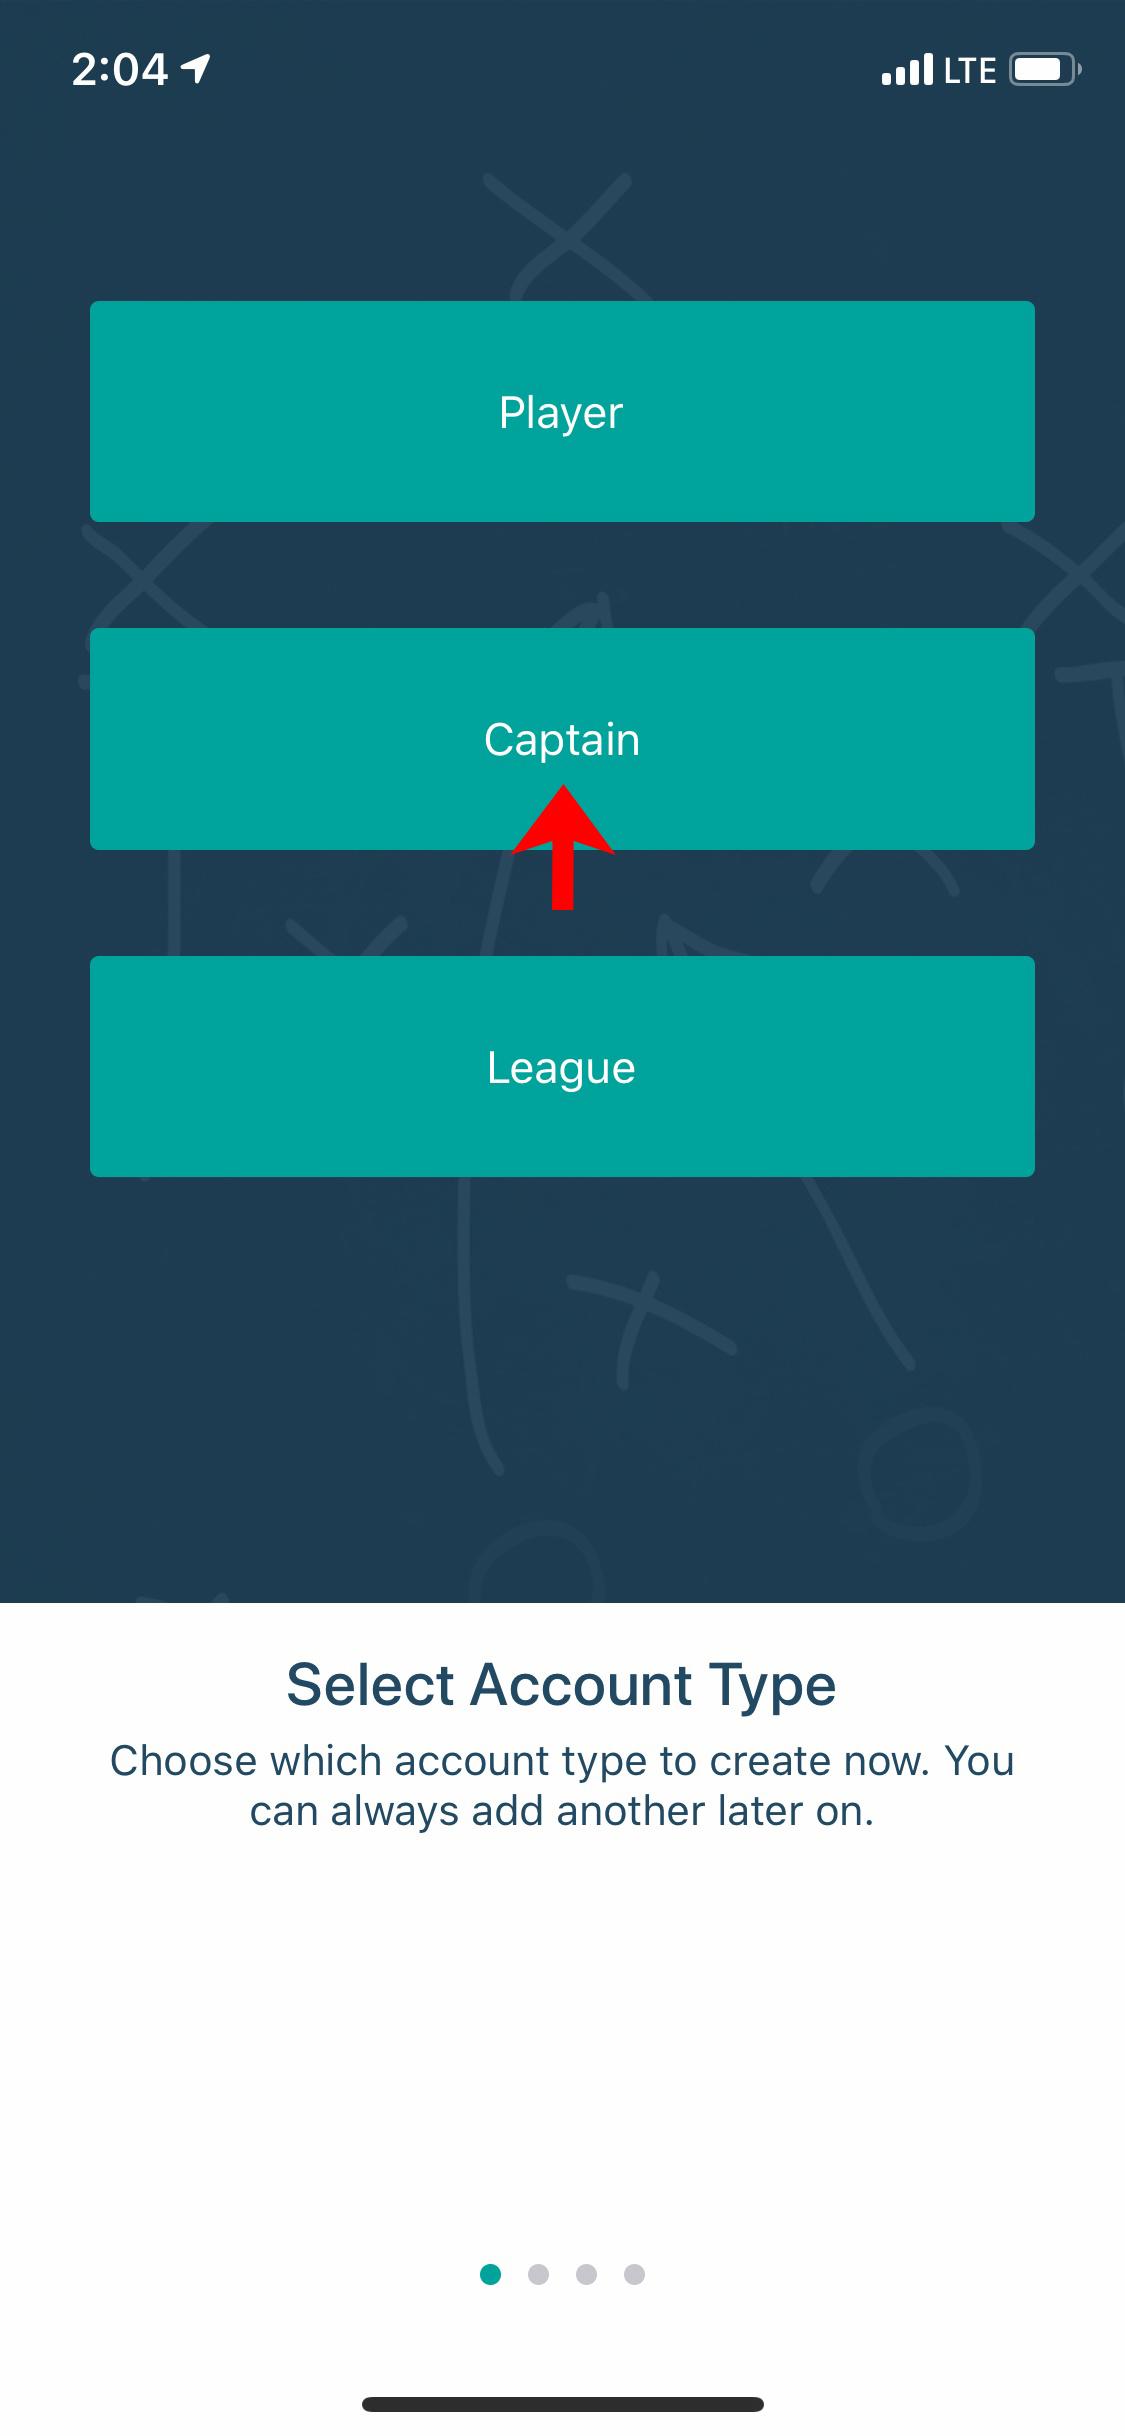 account-type-captain